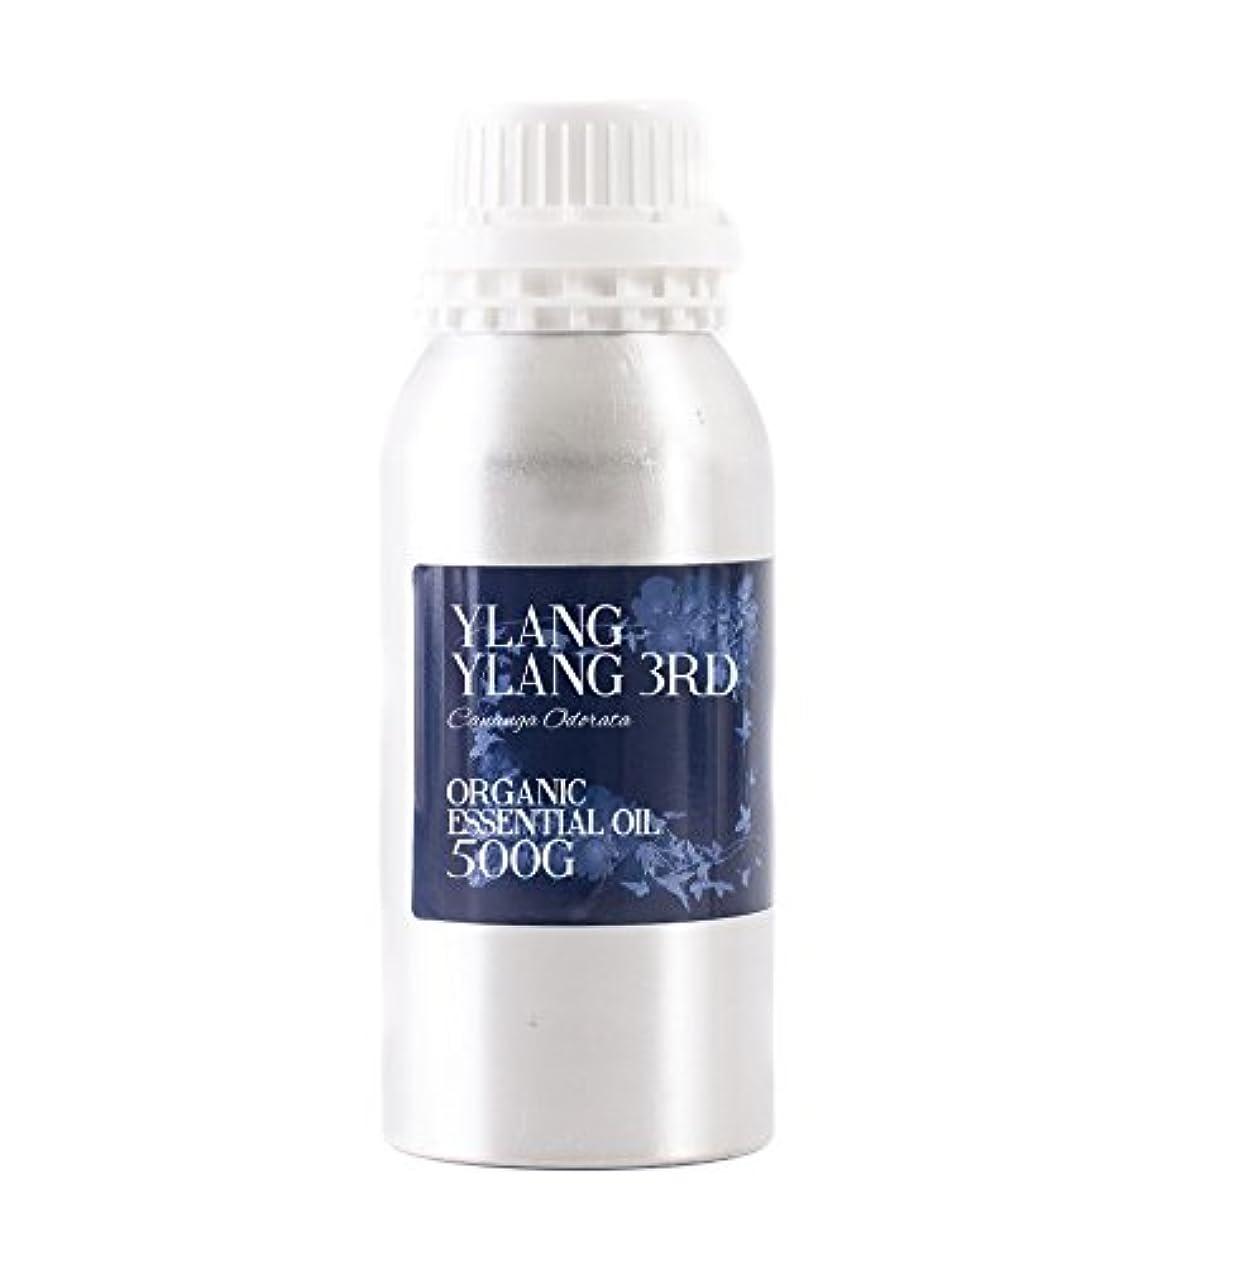 不条理仮定するラッカスMystic Moments | Ylang Ylang 3rd Organic Essential Oil - 500g - 100% Pure